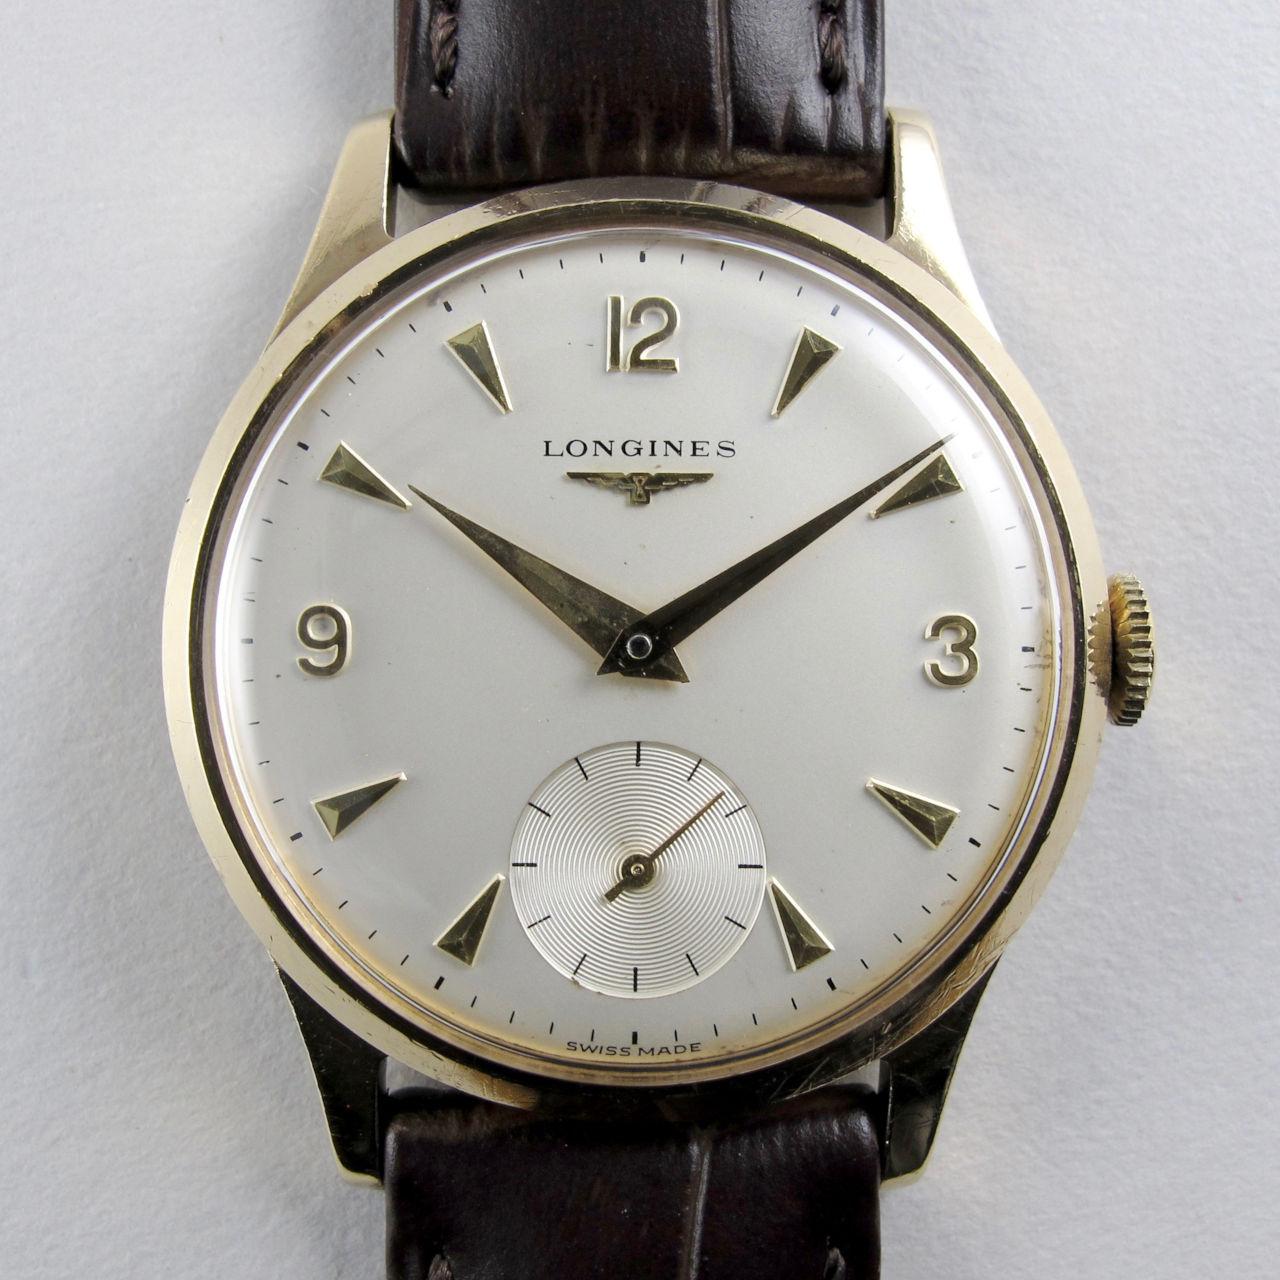 Longines gold vintage wristwatch, hallmarked 1965